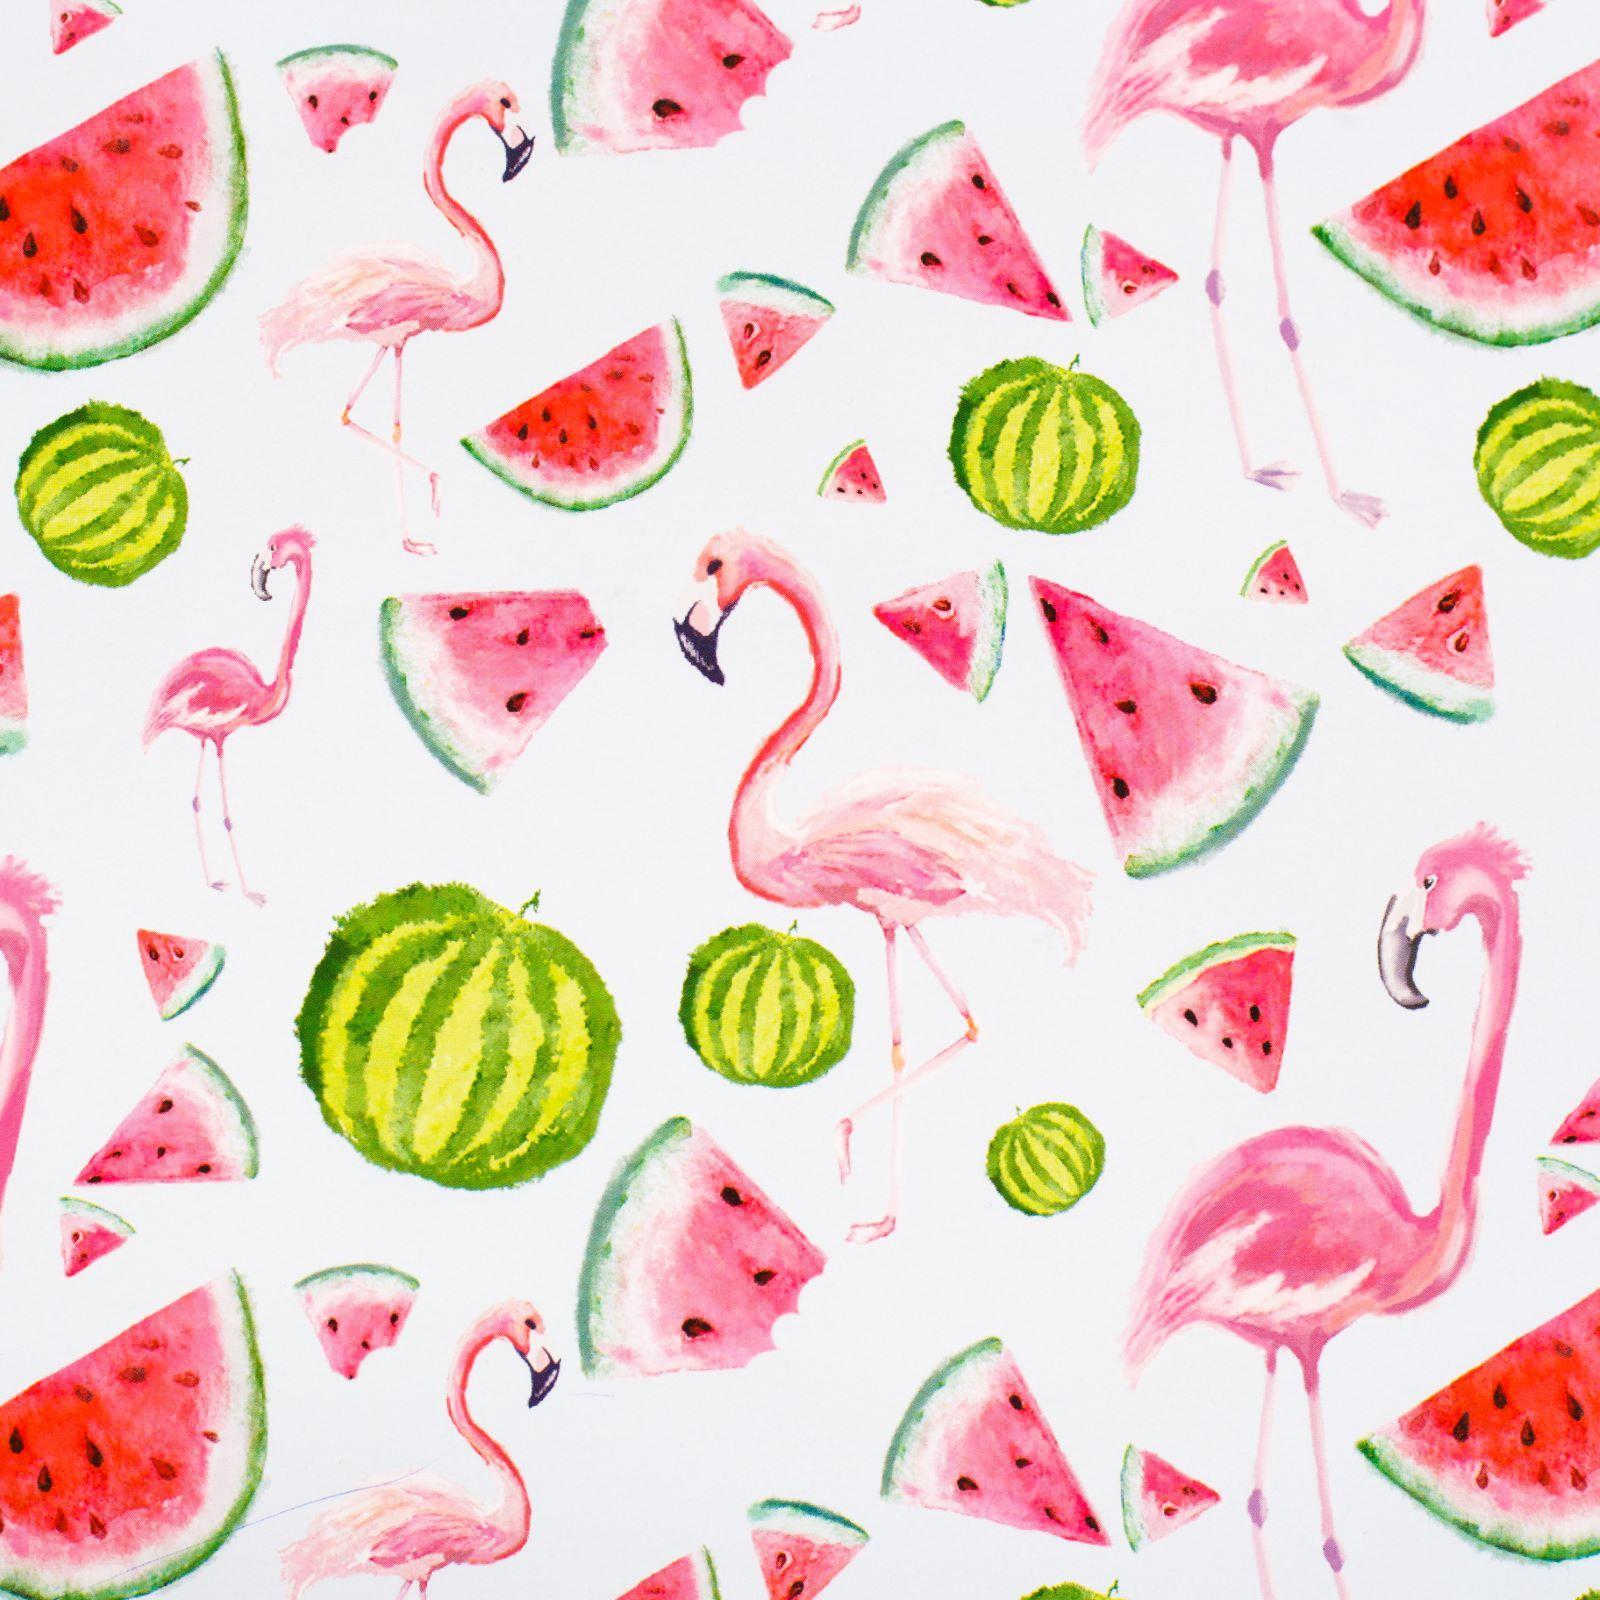 Бумага упаковочная Дарите счастье Розовый фламинго, глянцевая, 70 х 100 см бумага упаковочная magic time украшения и подарки 100 х 70 см